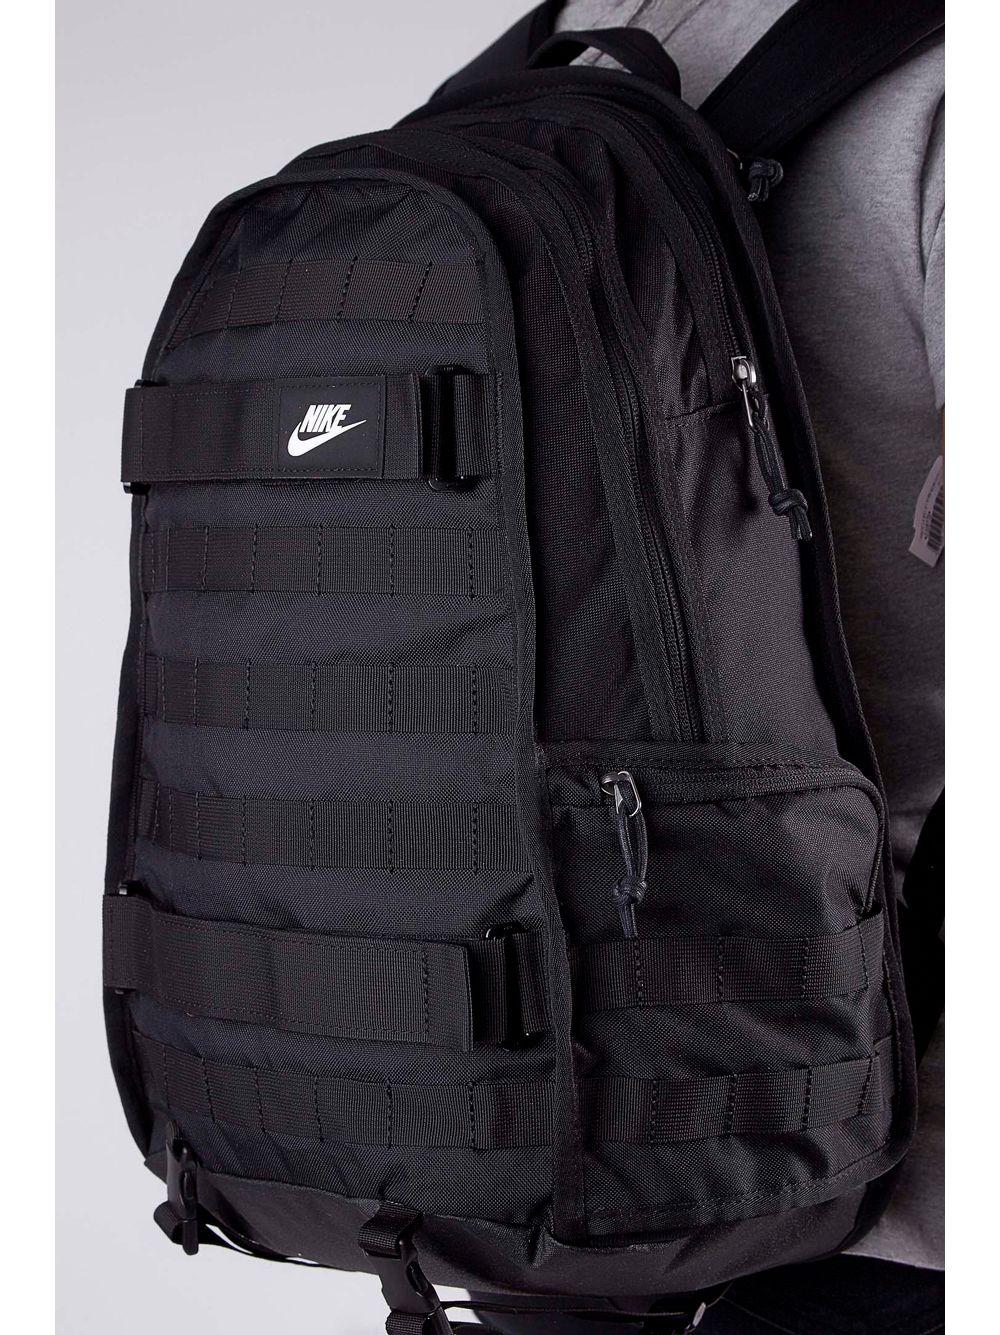 fecd456ca Mochila Nike Sportswear Rpm Backpack Preto - pittol